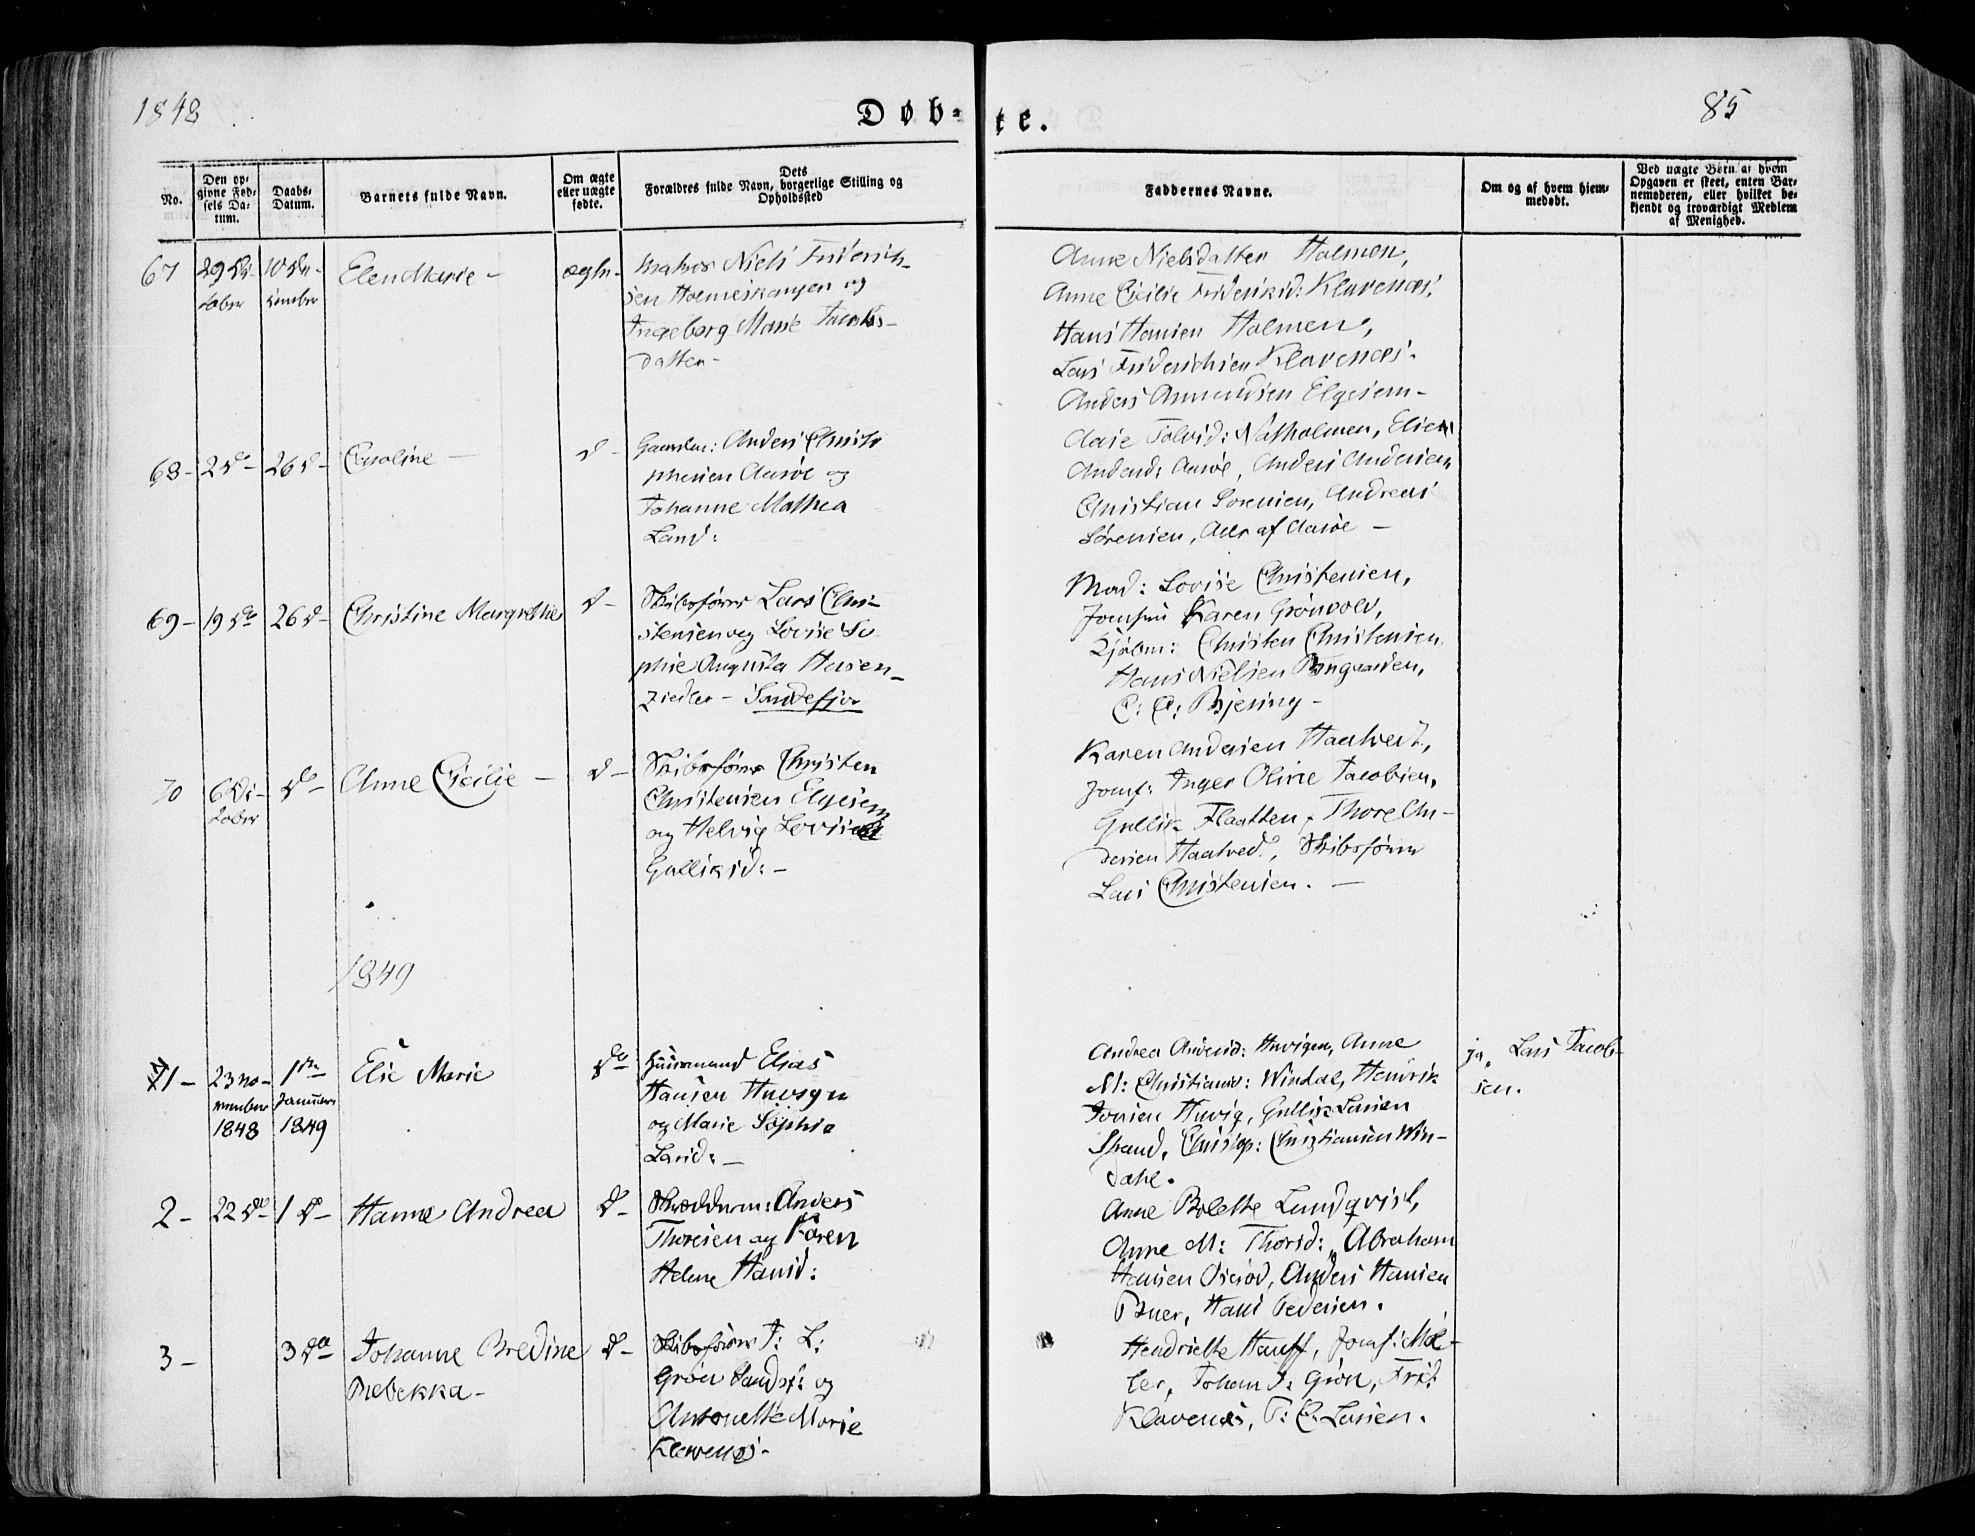 SAKO, Sandar kirkebøker, F/Fa/L0006: Ministerialbok nr. 6, 1847-1860, s. 85